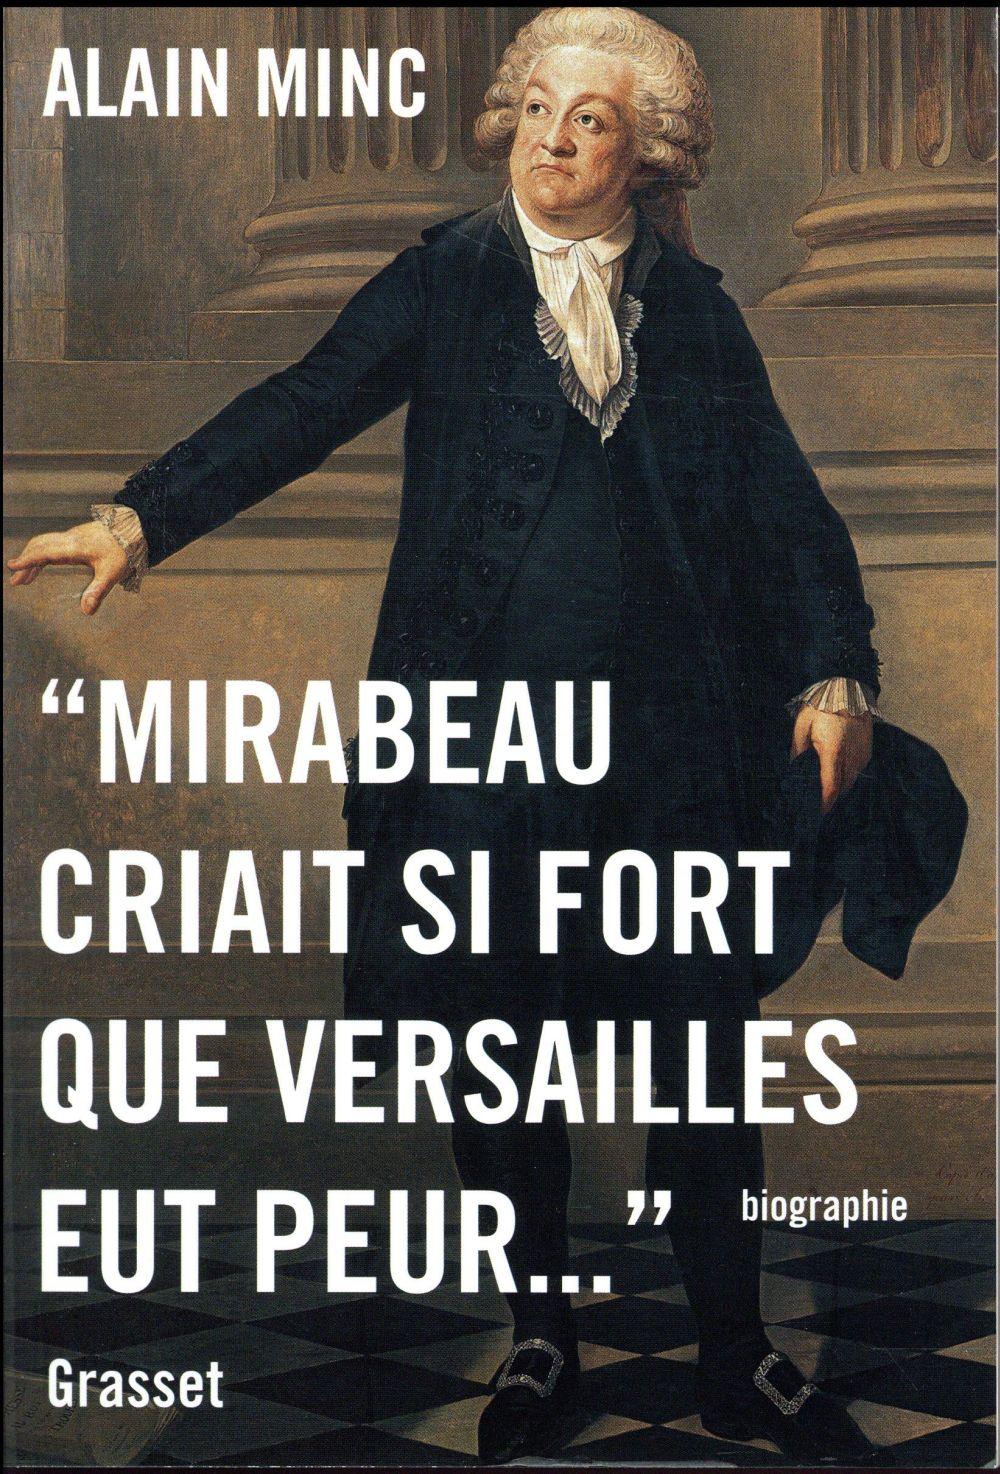 Mirabeau criait si fort que Versailles eut peur...